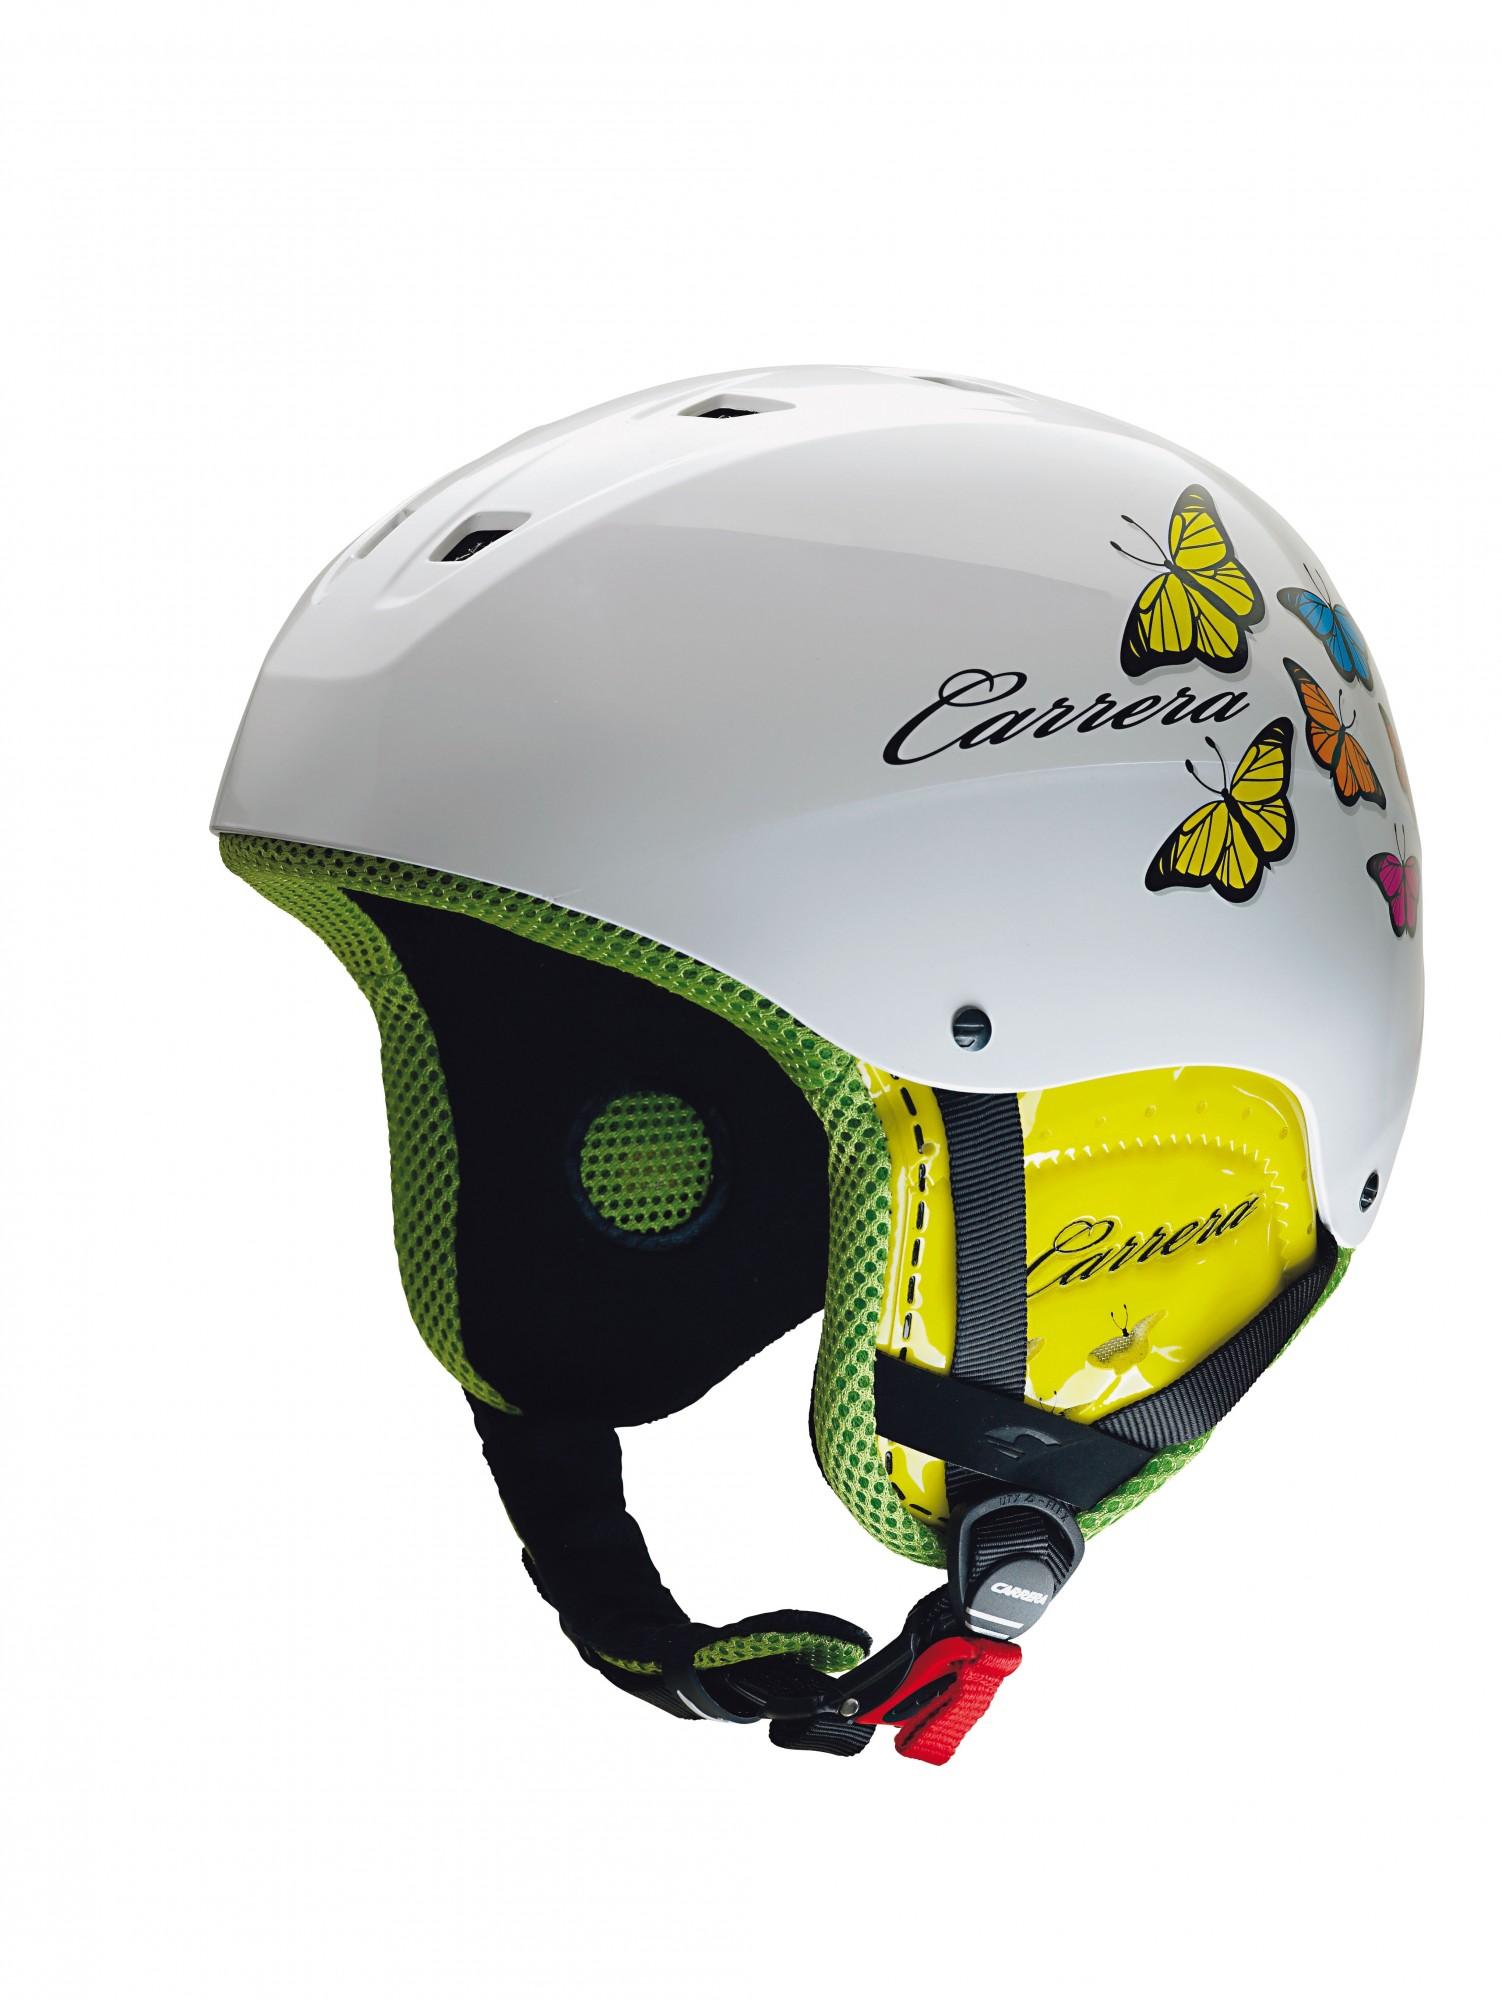 Carrera helme